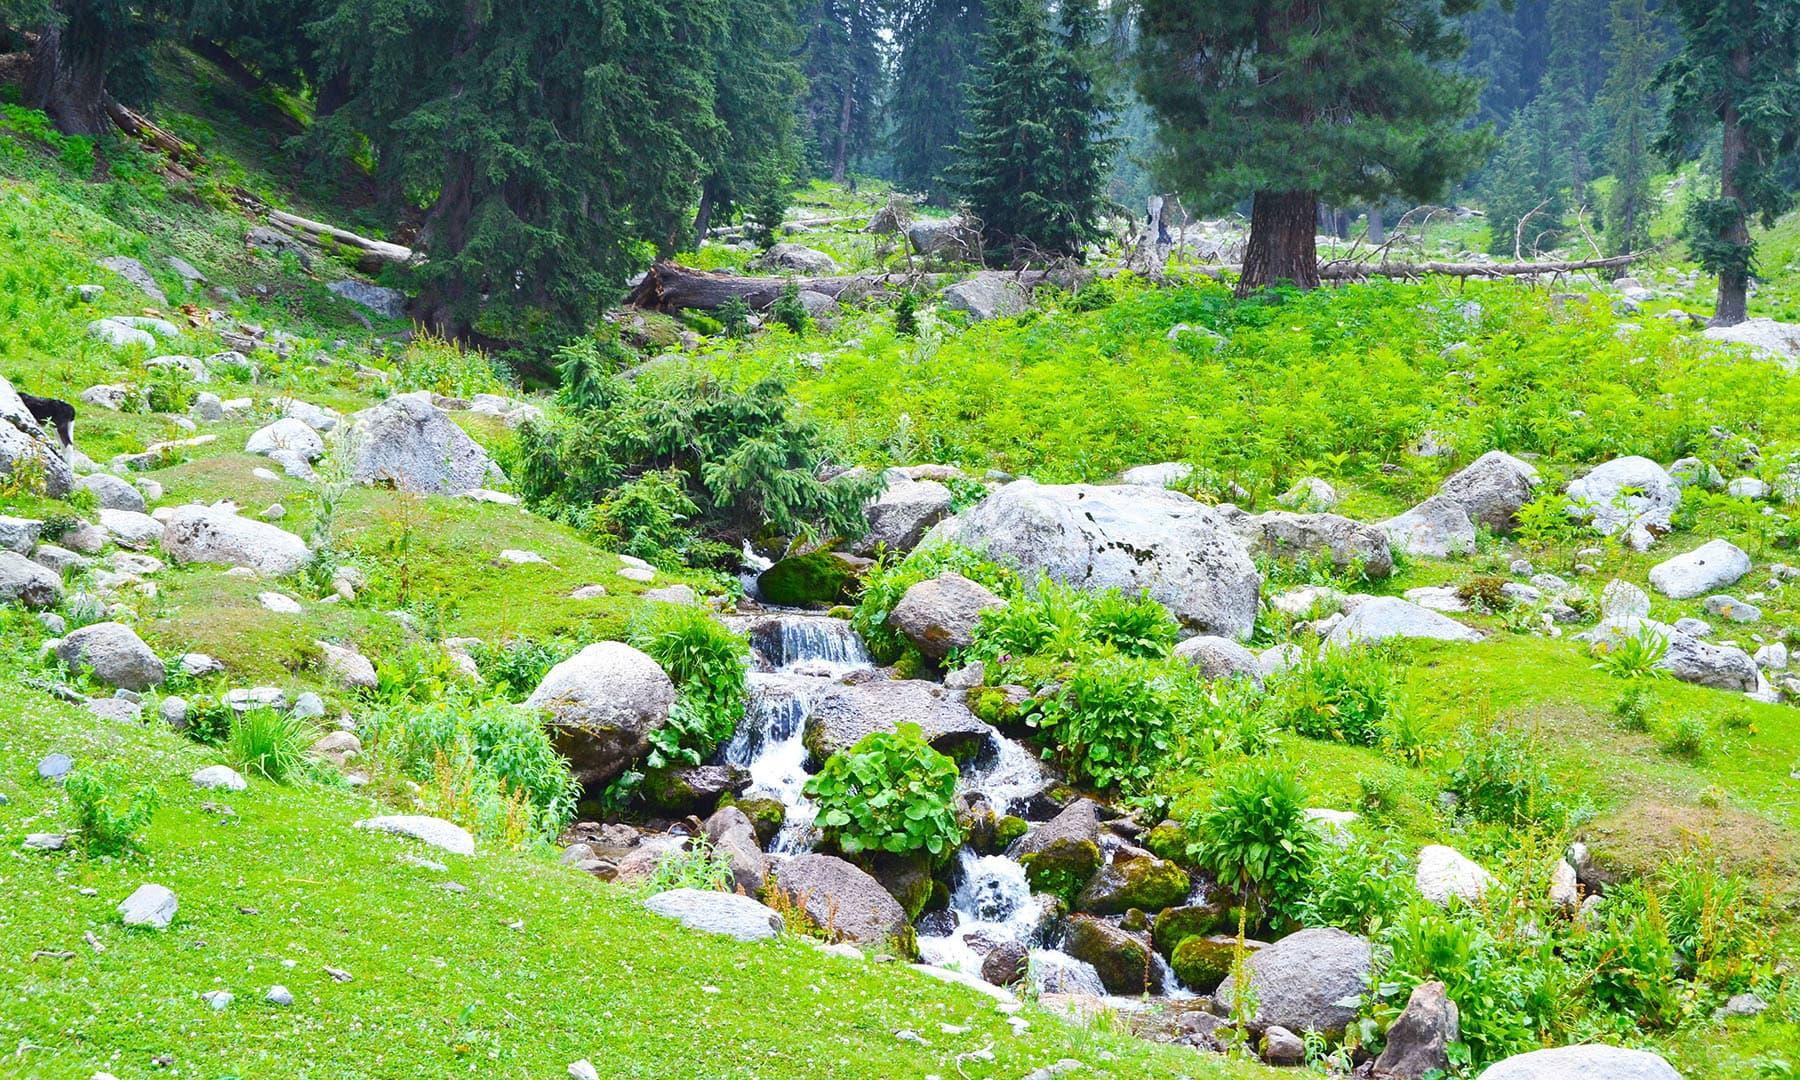 کٹورا جھیل کا ٹریک بھی انتہائی خوبصورت ہے—عظمت اکبر